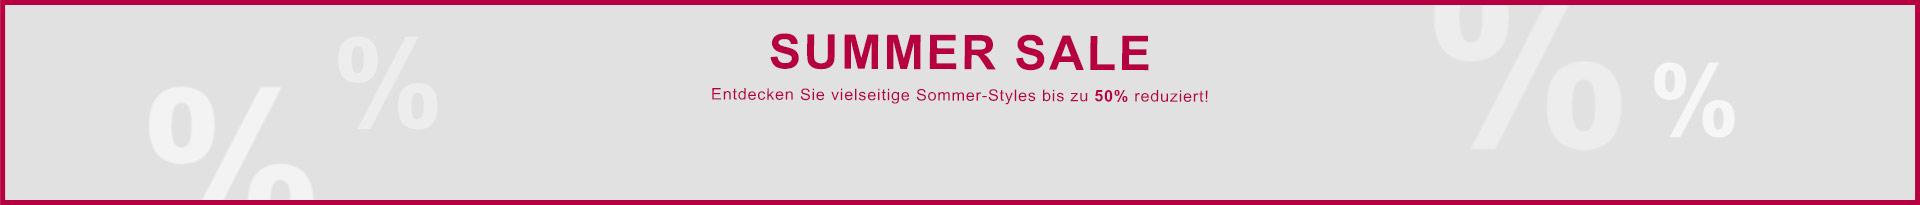 Daniel Hechter Summer Sale bis zu 50%